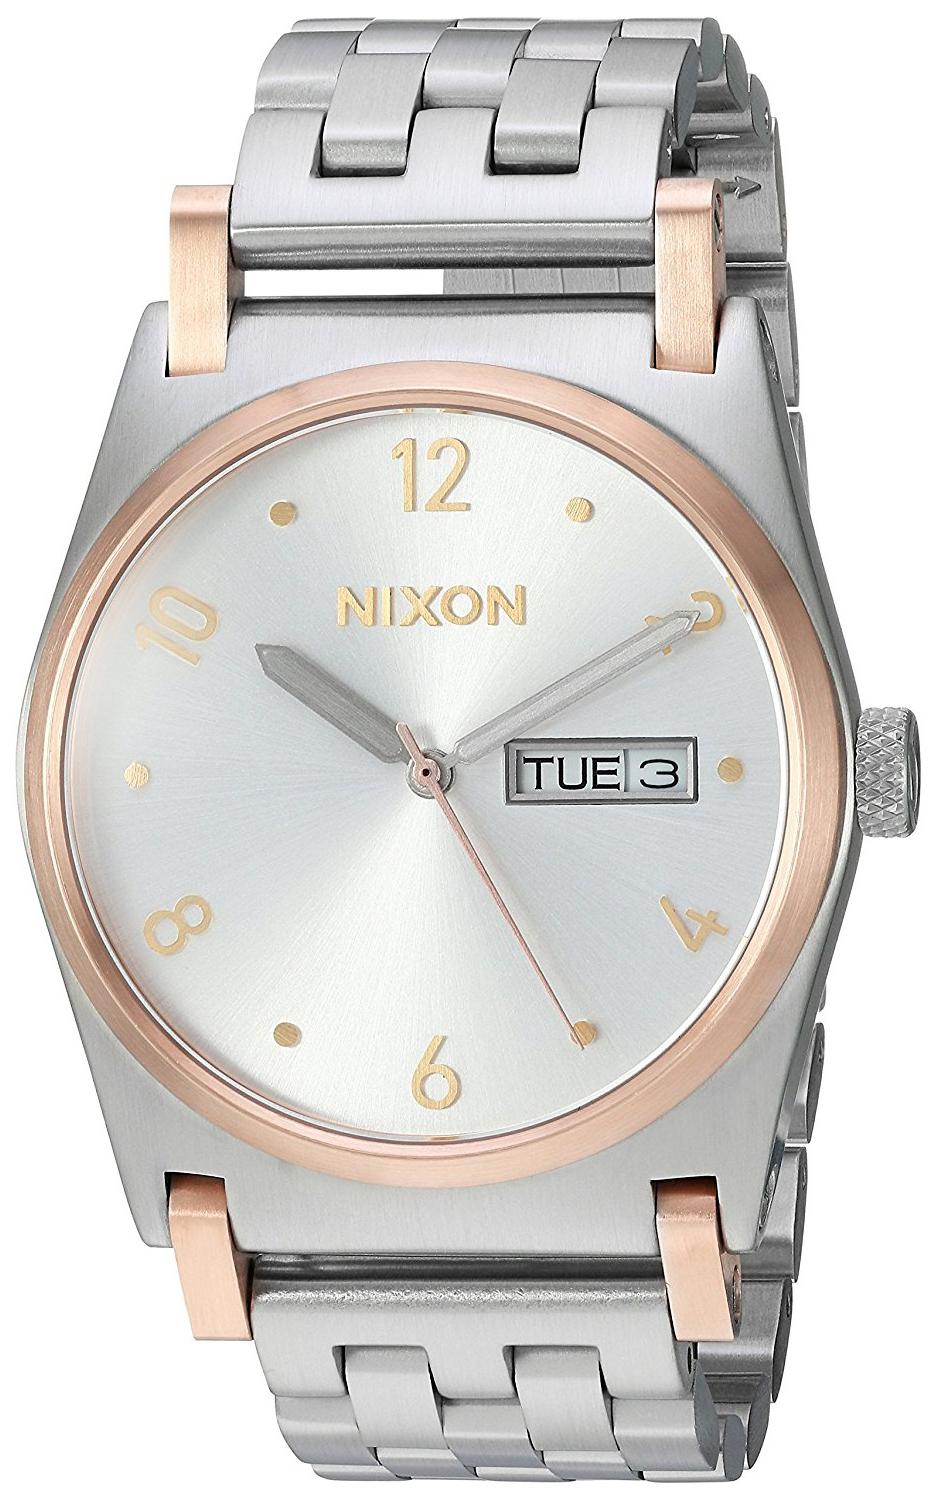 Nixon 99999 Damklocka A9542632-00 Silverfärgad/Stål Ø36 mm - Nixon